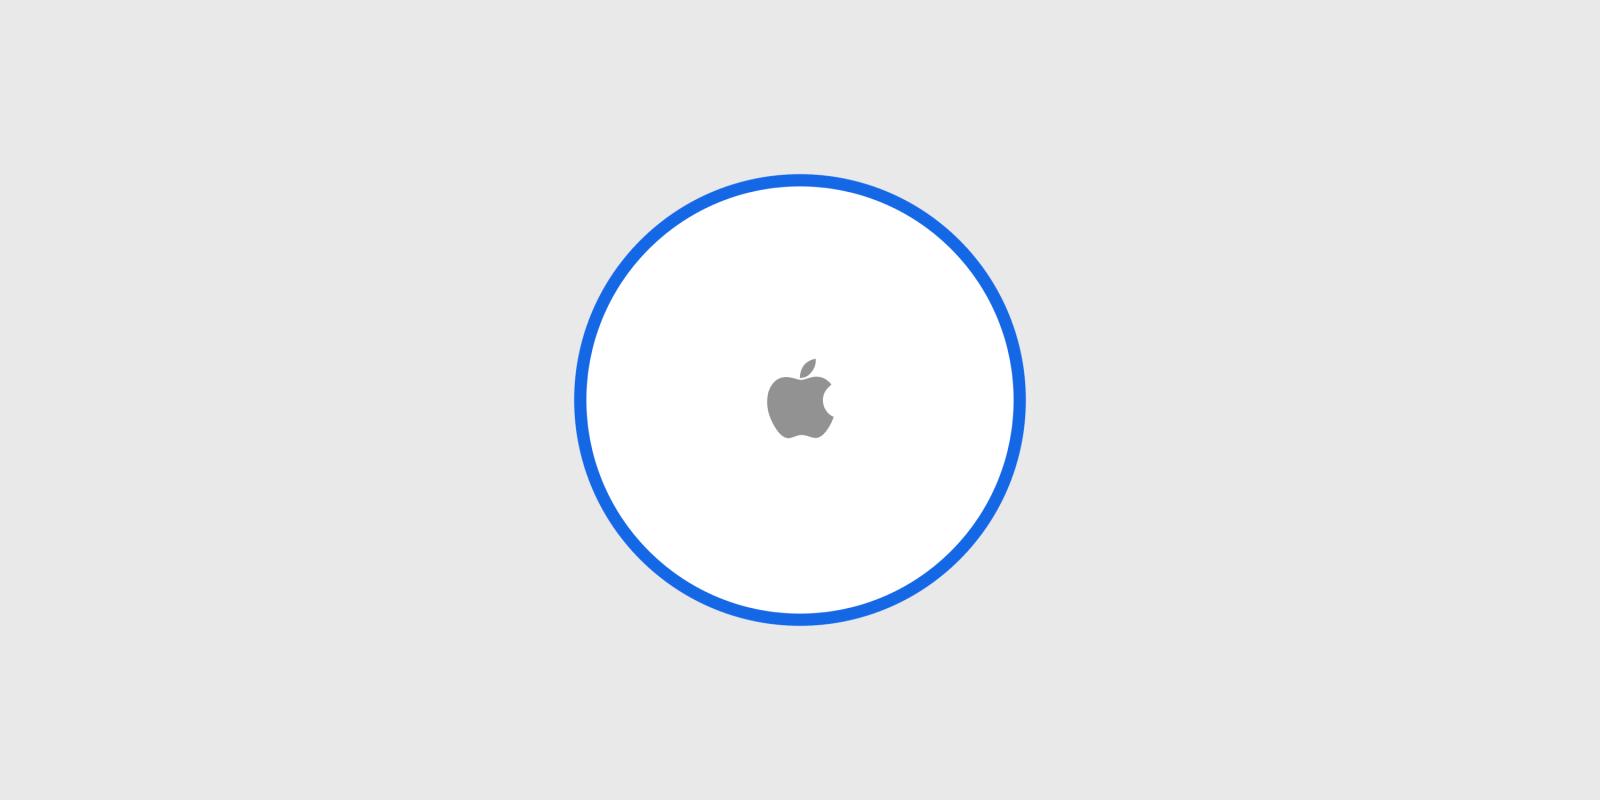 Chờ đợi gì tại sự kiện Apple WWDC 2020: iOS 14, máy tính Mac dùng chip ARM, và hơn thế nữa